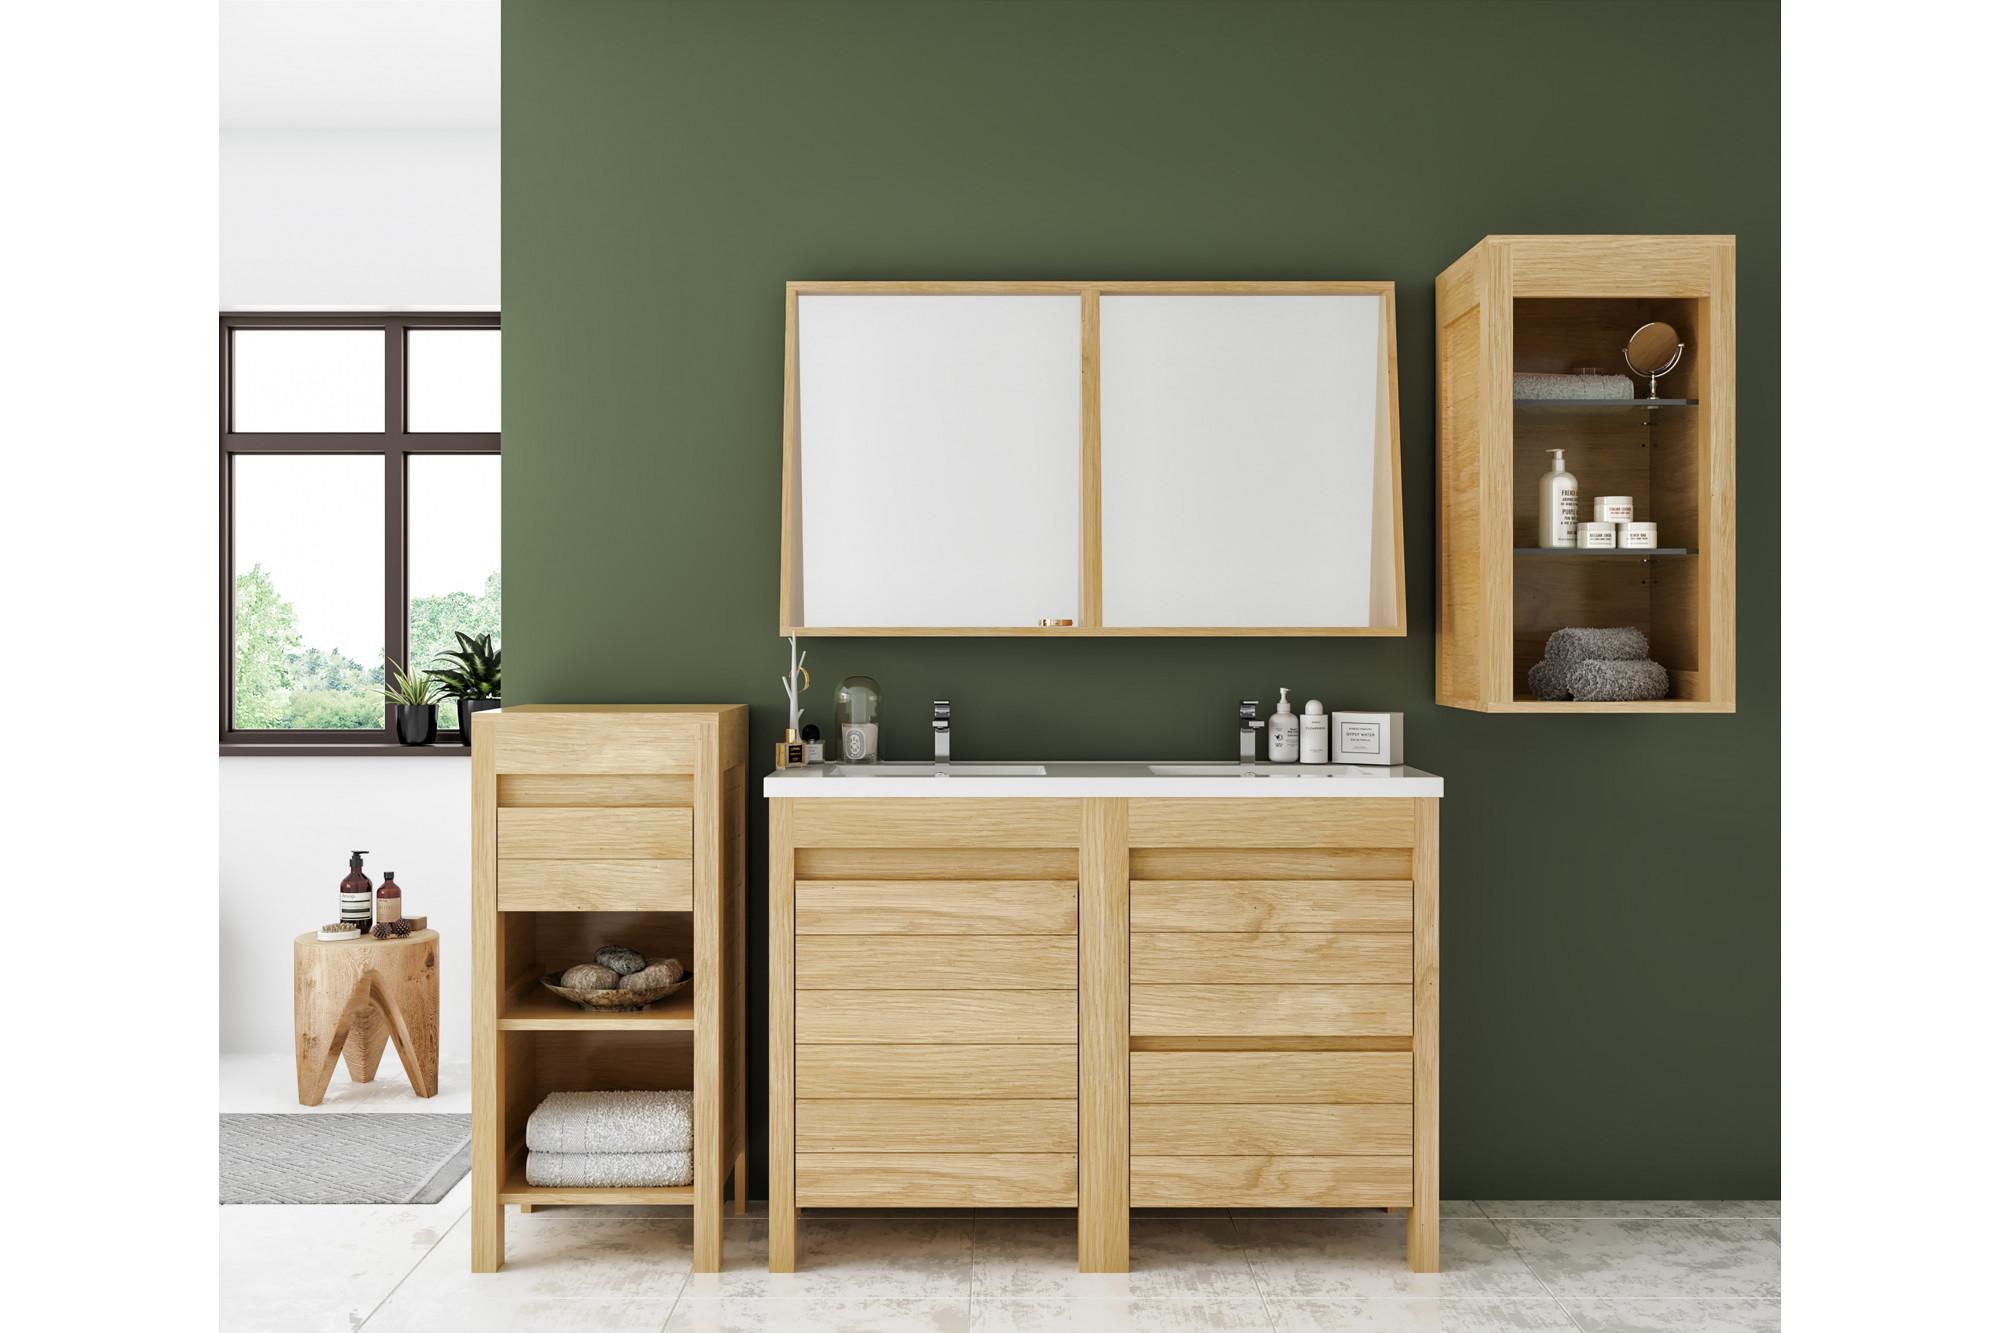 Bois Salle De Bain meubles de salle de bain avec double vasques et miroir en chêne clair -  hellin